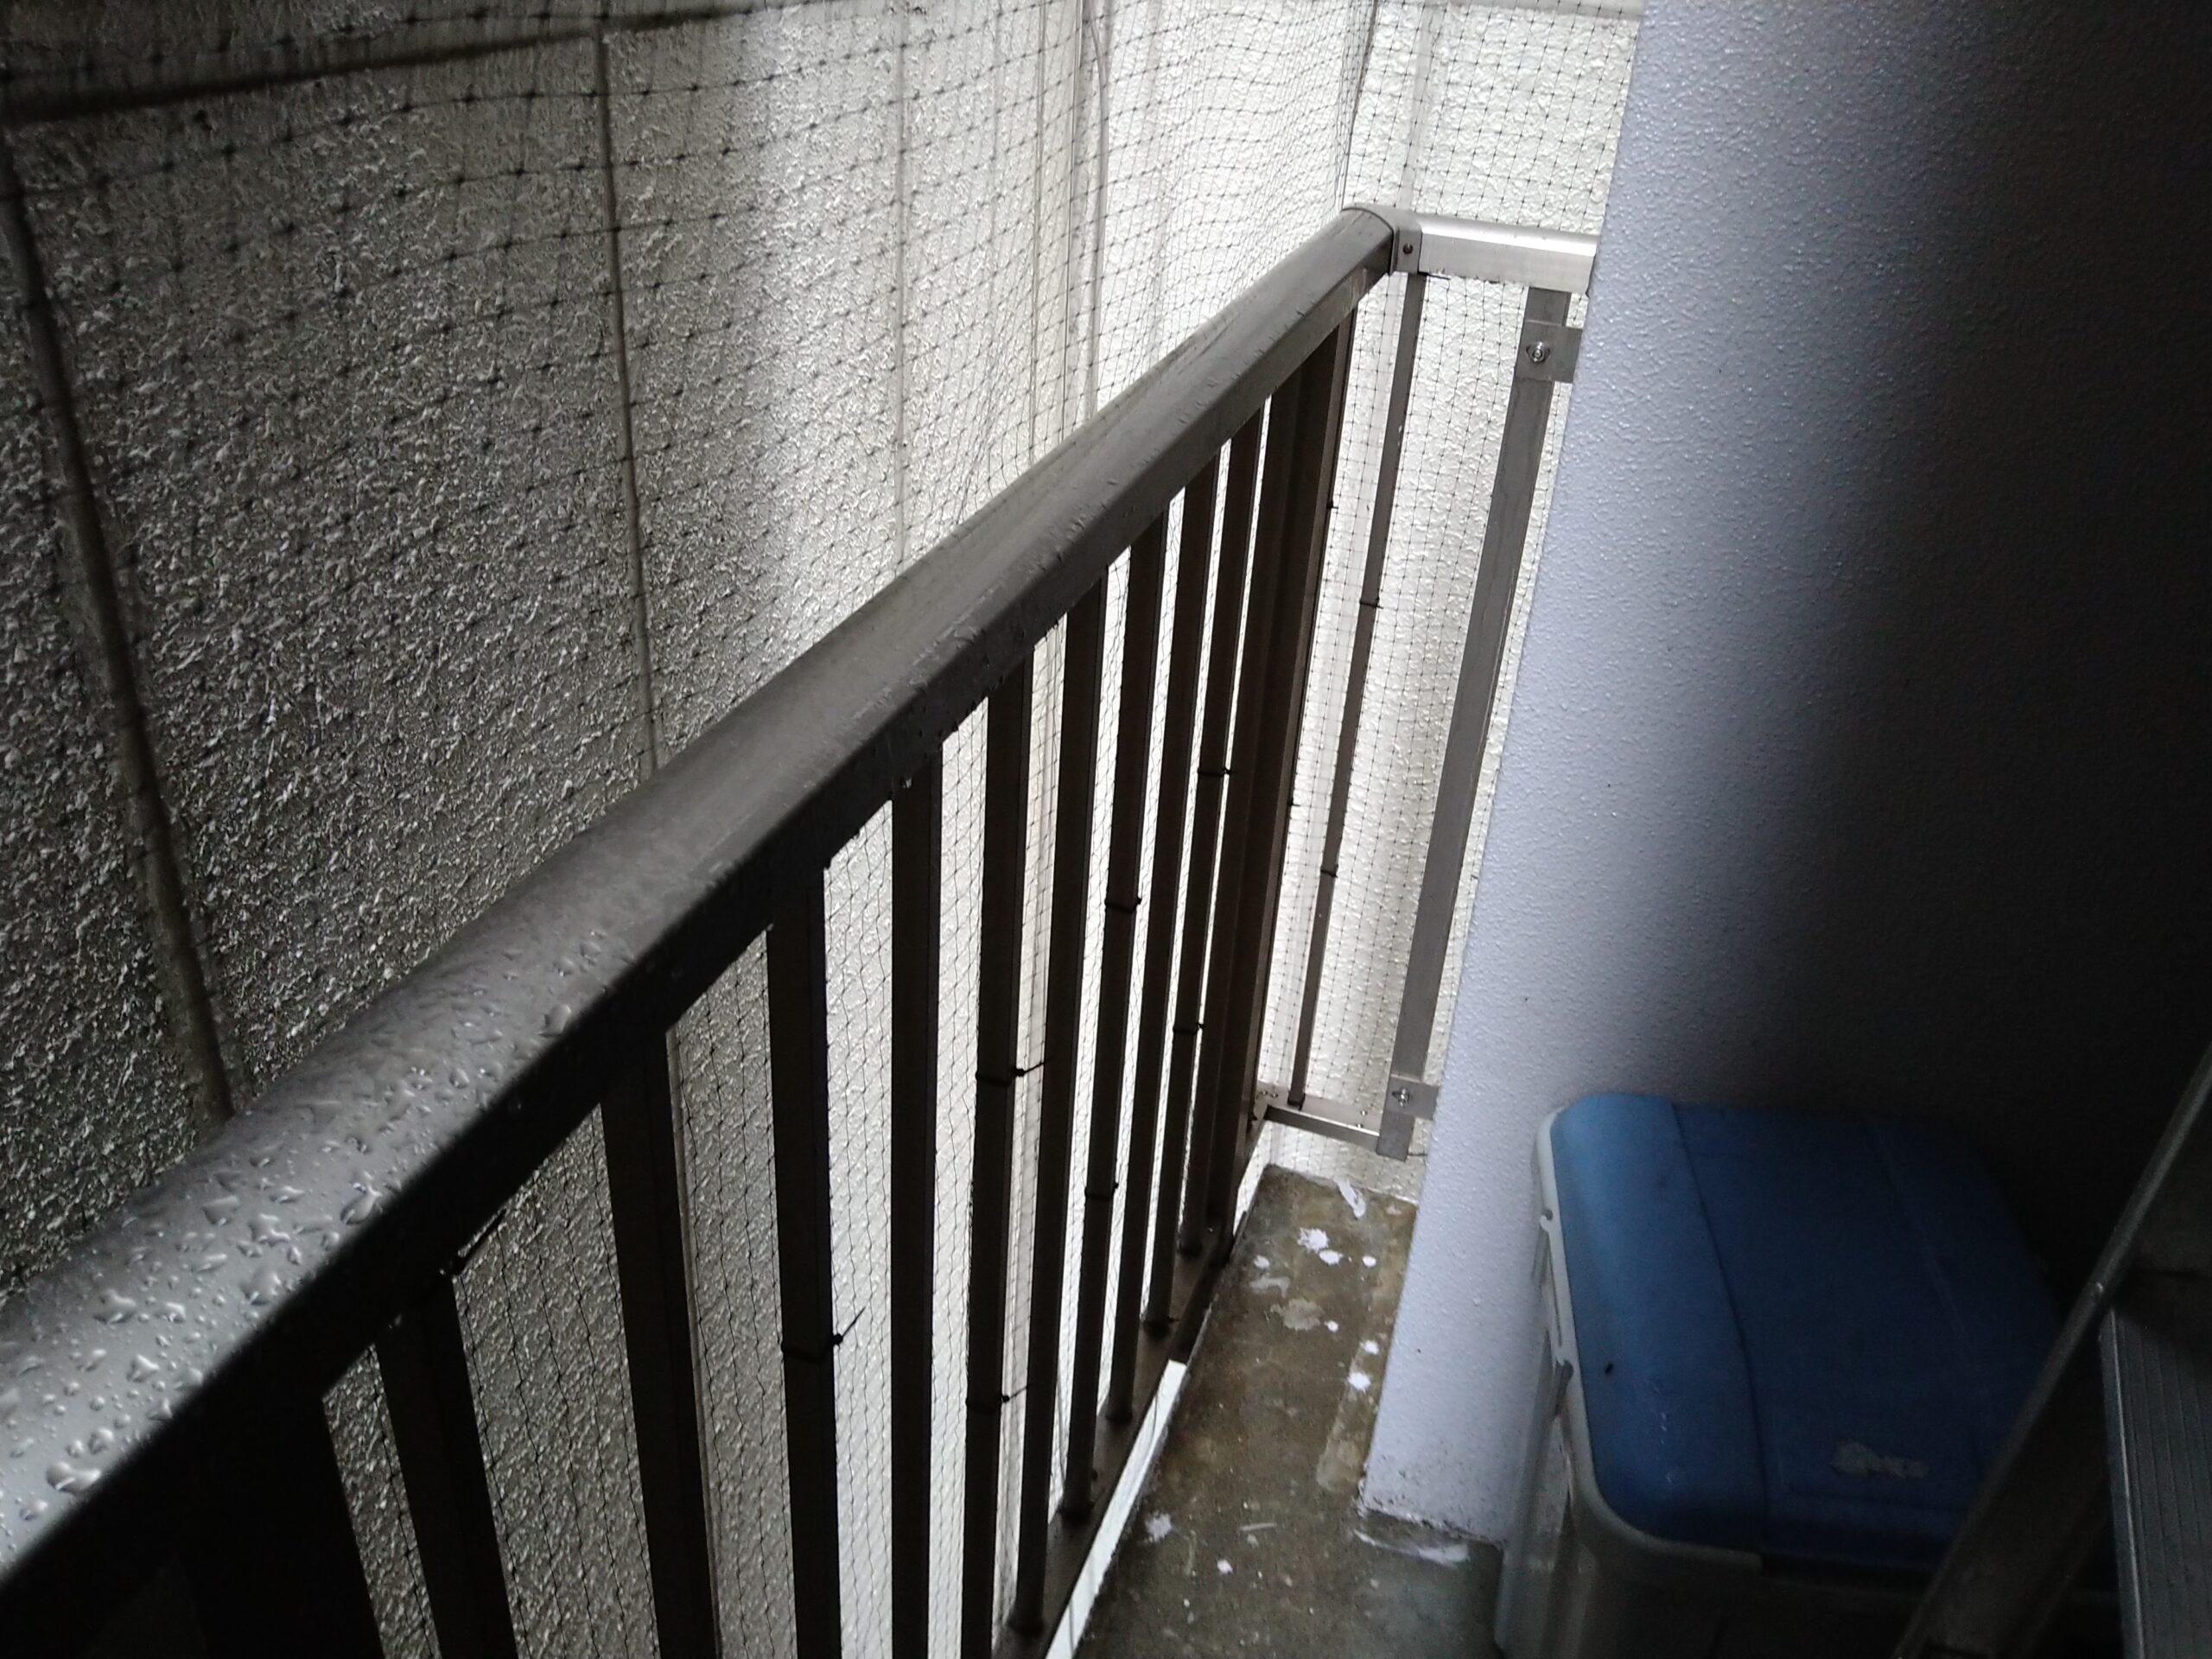 千葉県船橋市のA様のハト駆除:施工後